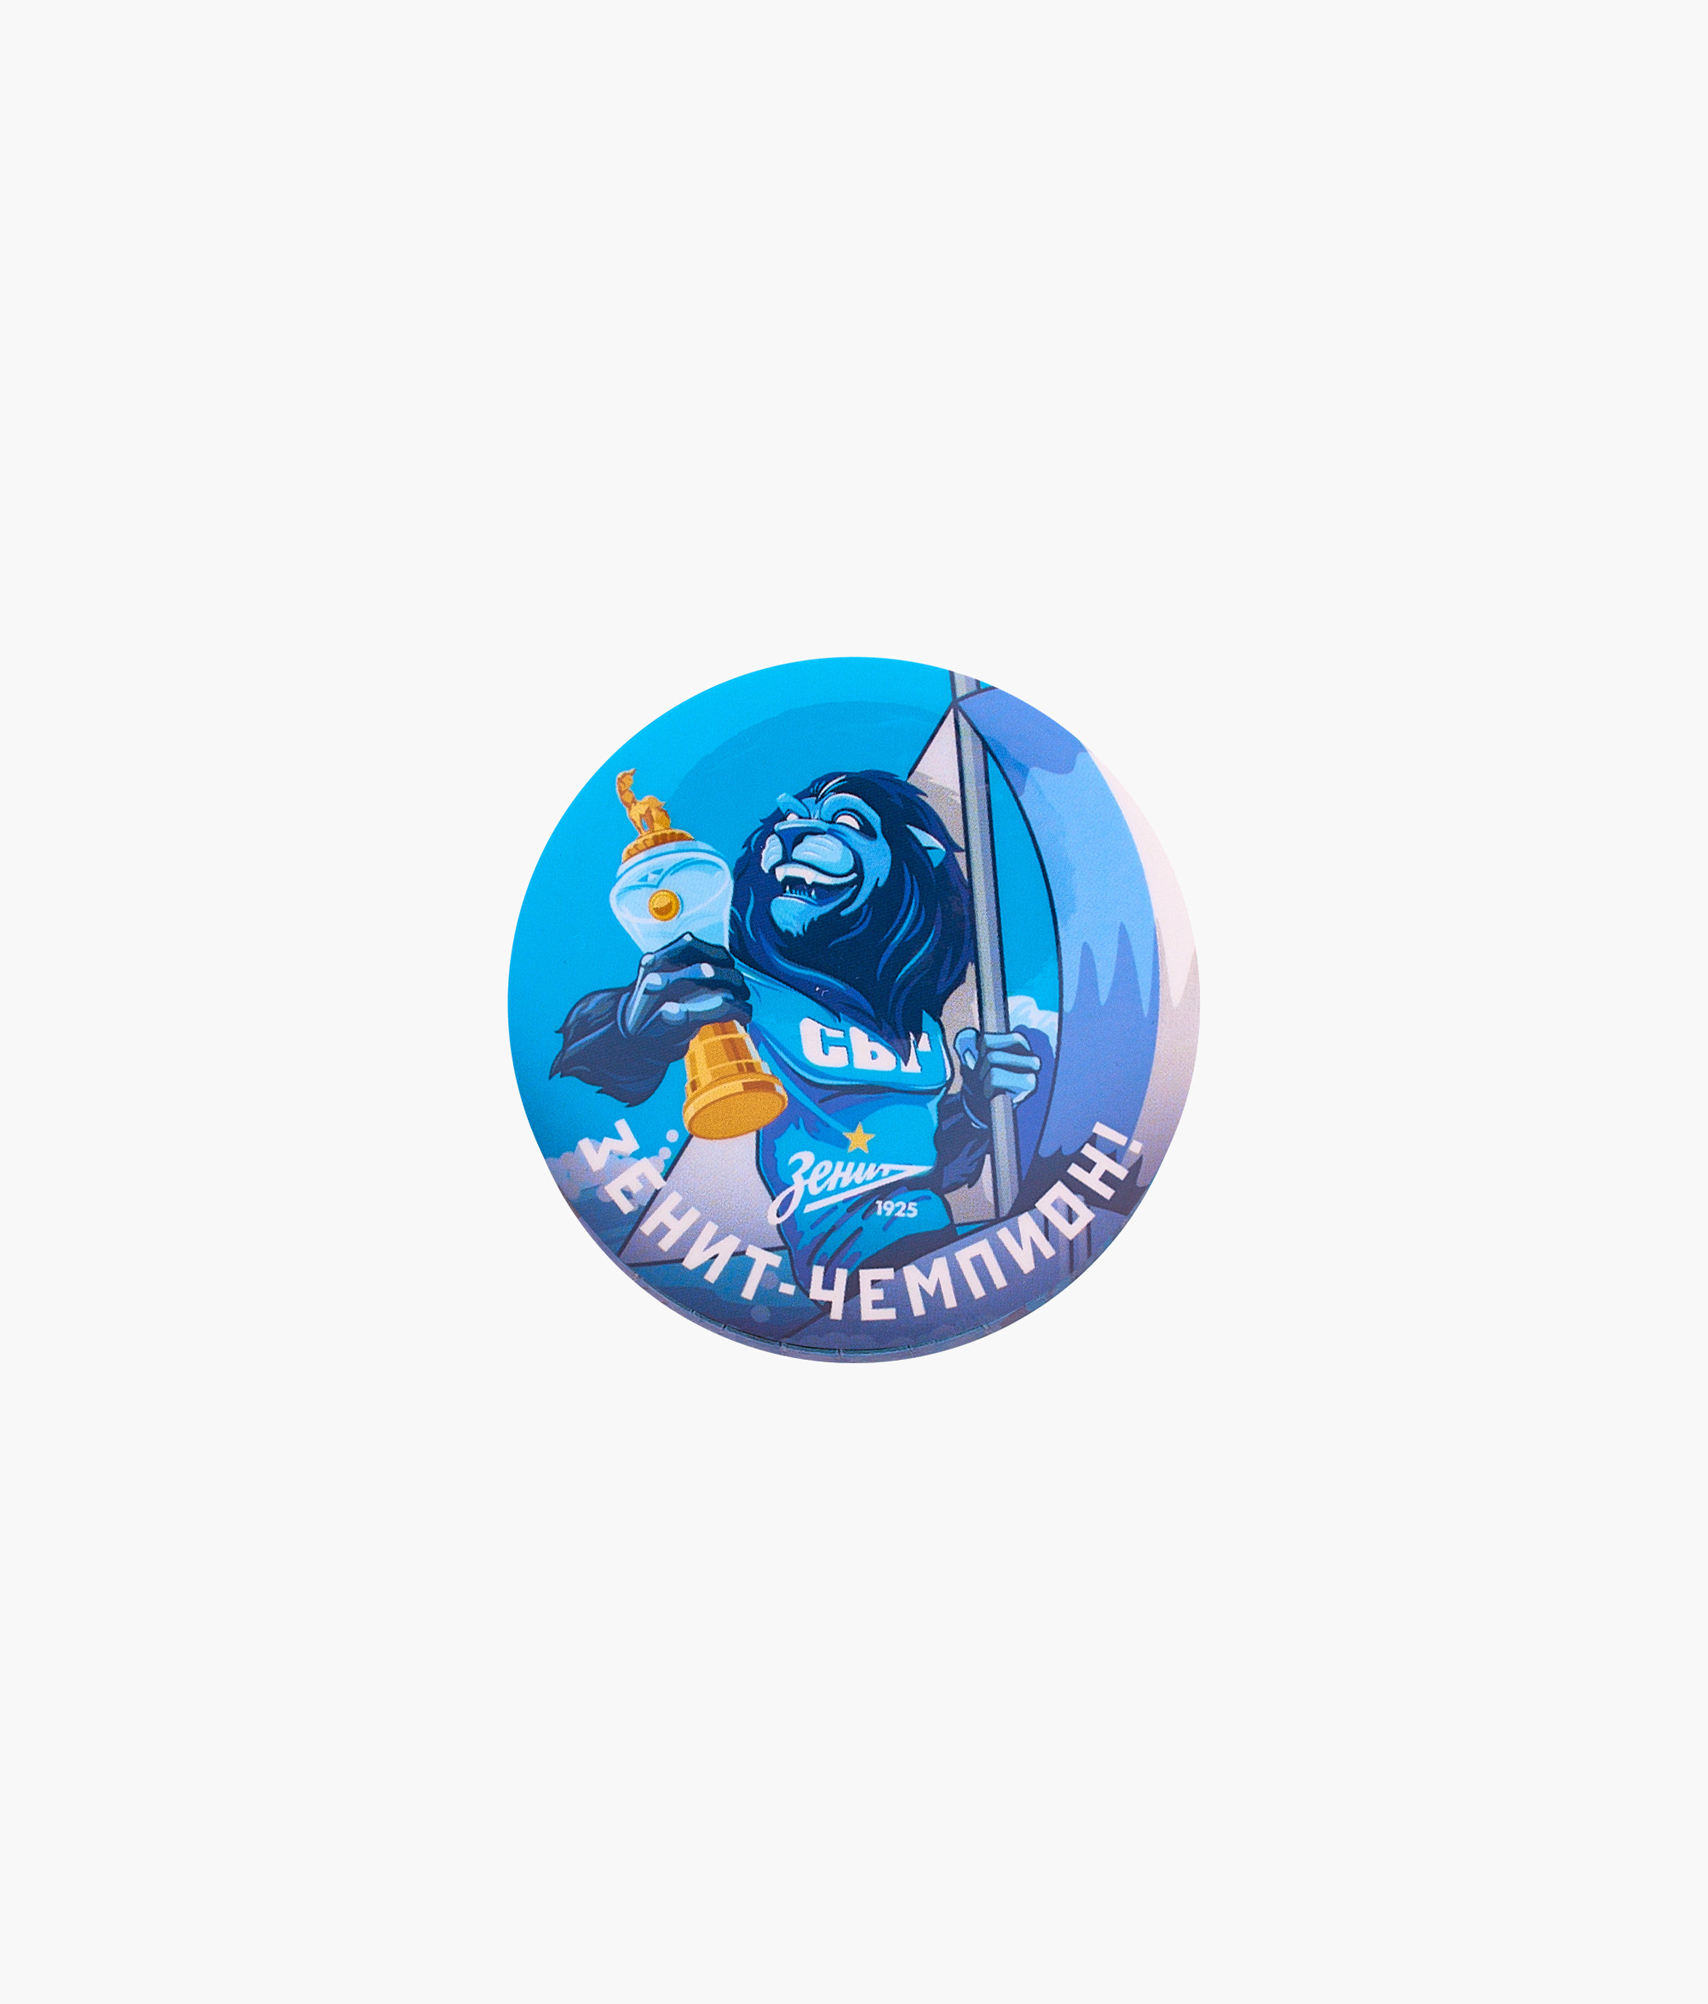 Значок закатной «Лев» 2018/19 Зенит